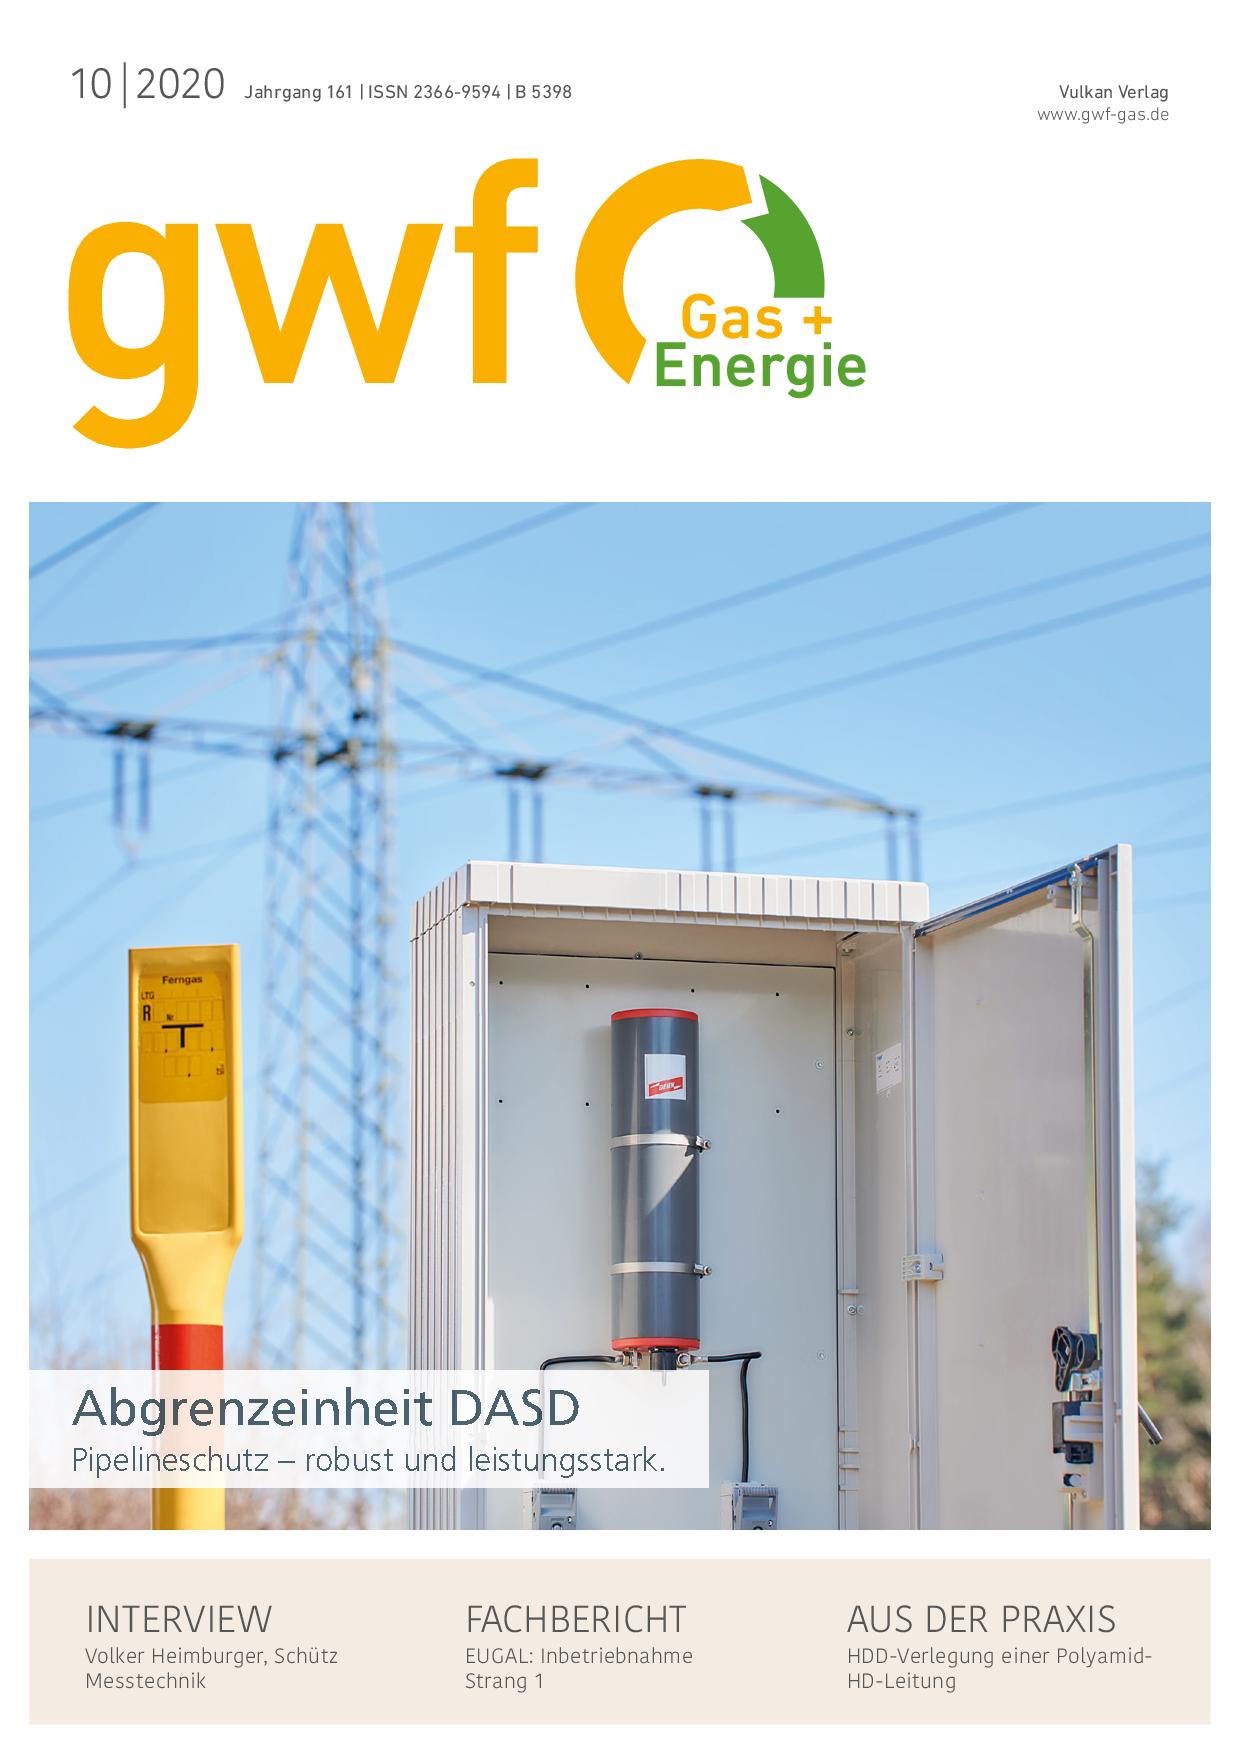 gwf Gas+Energie – 10 2020